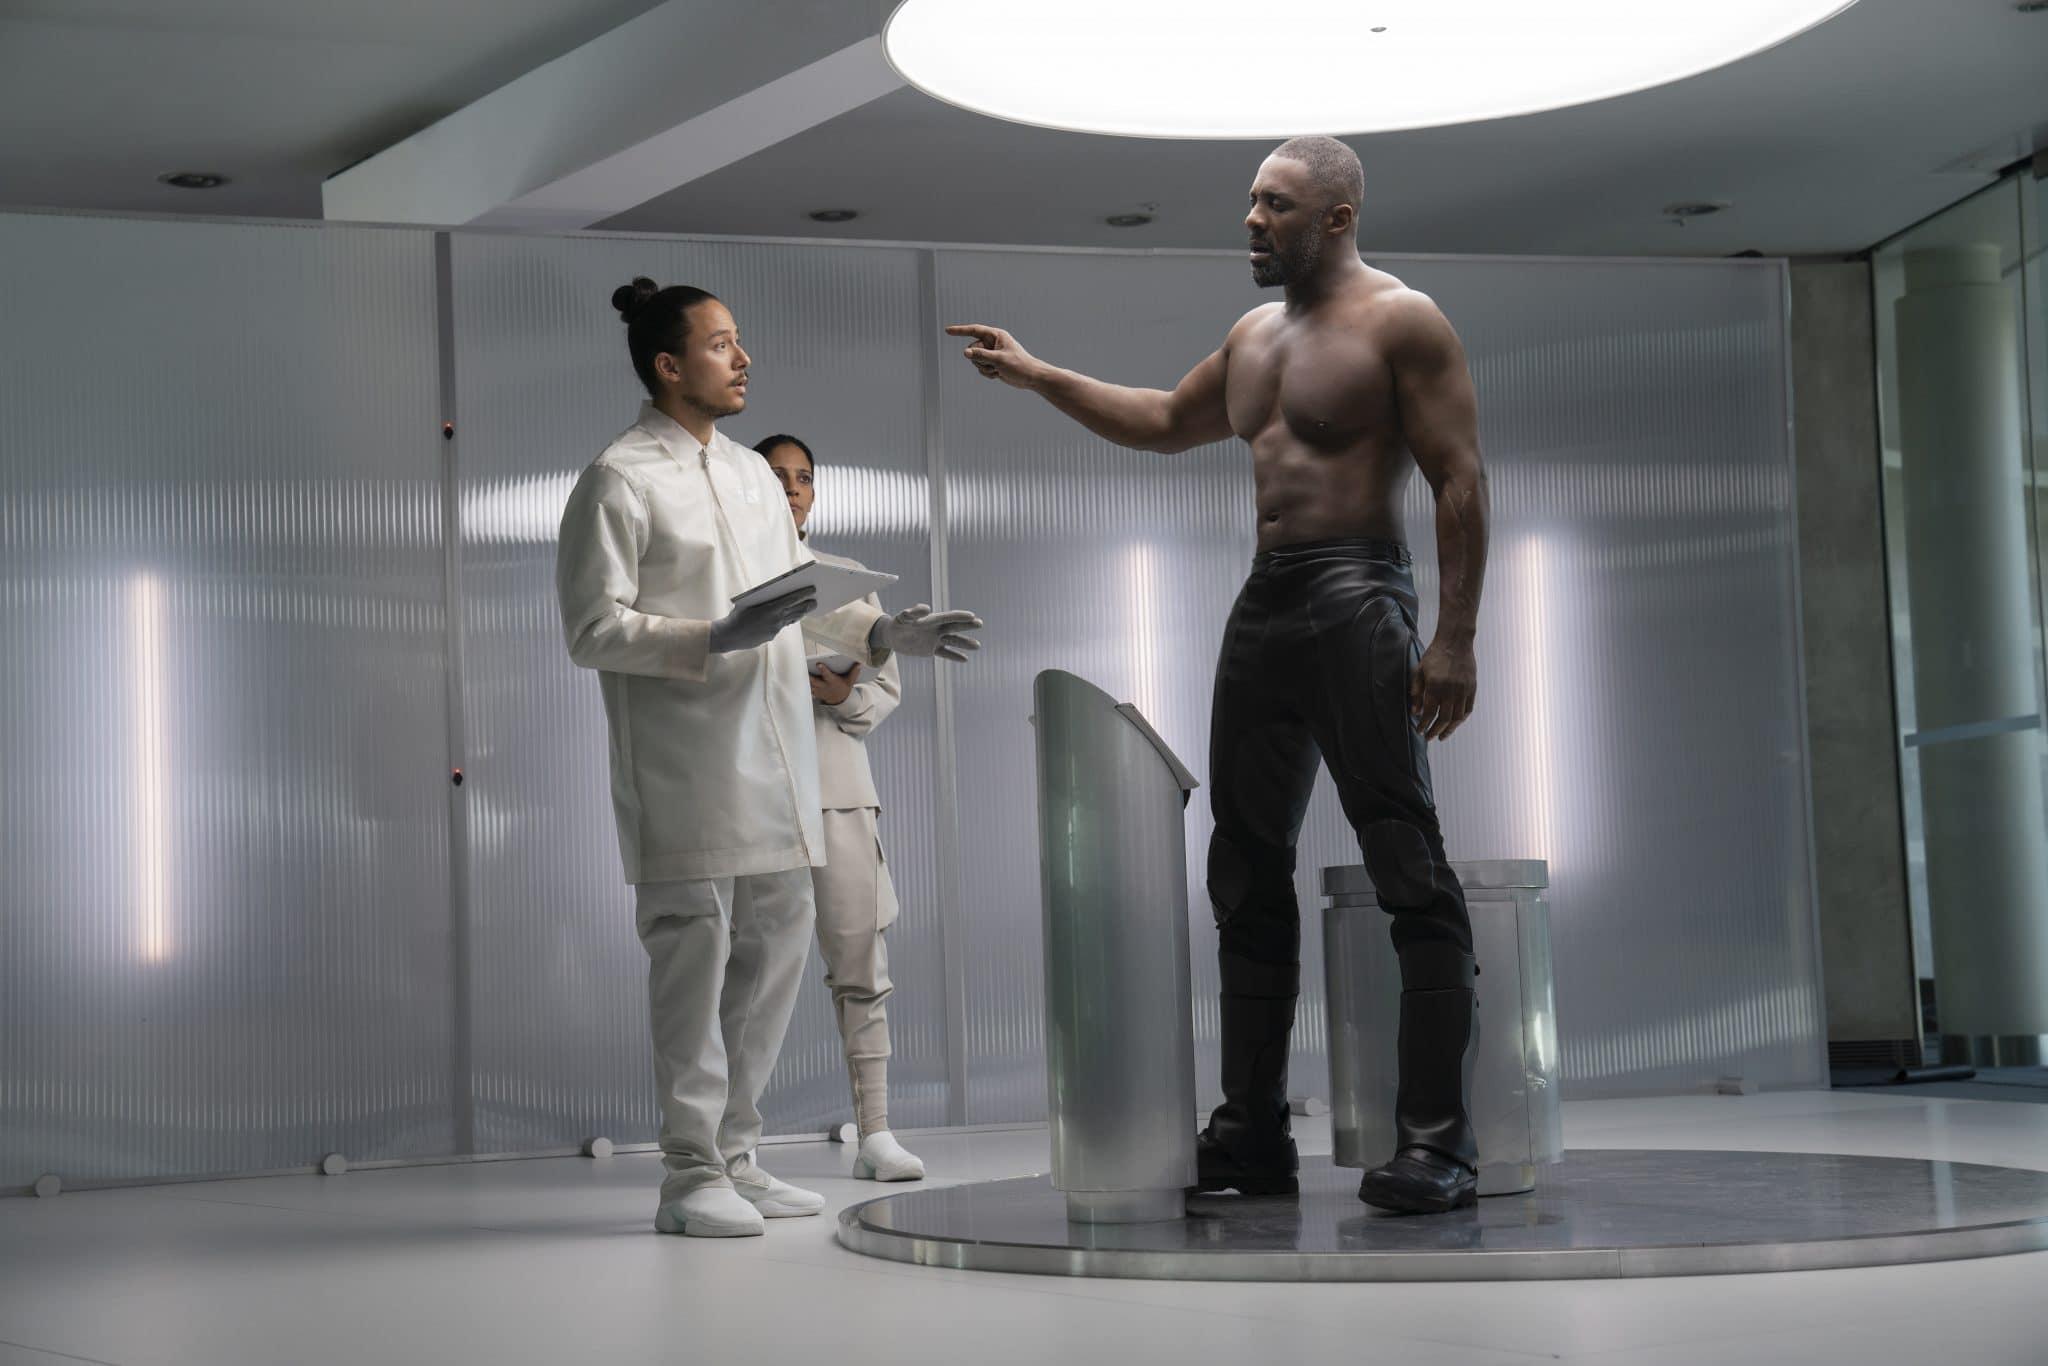 Brixton (Idris Elba) bedroht in einem sterilen Labor mit erhobenem Finger zwei Mitarbeiter in weißen Kitteln.